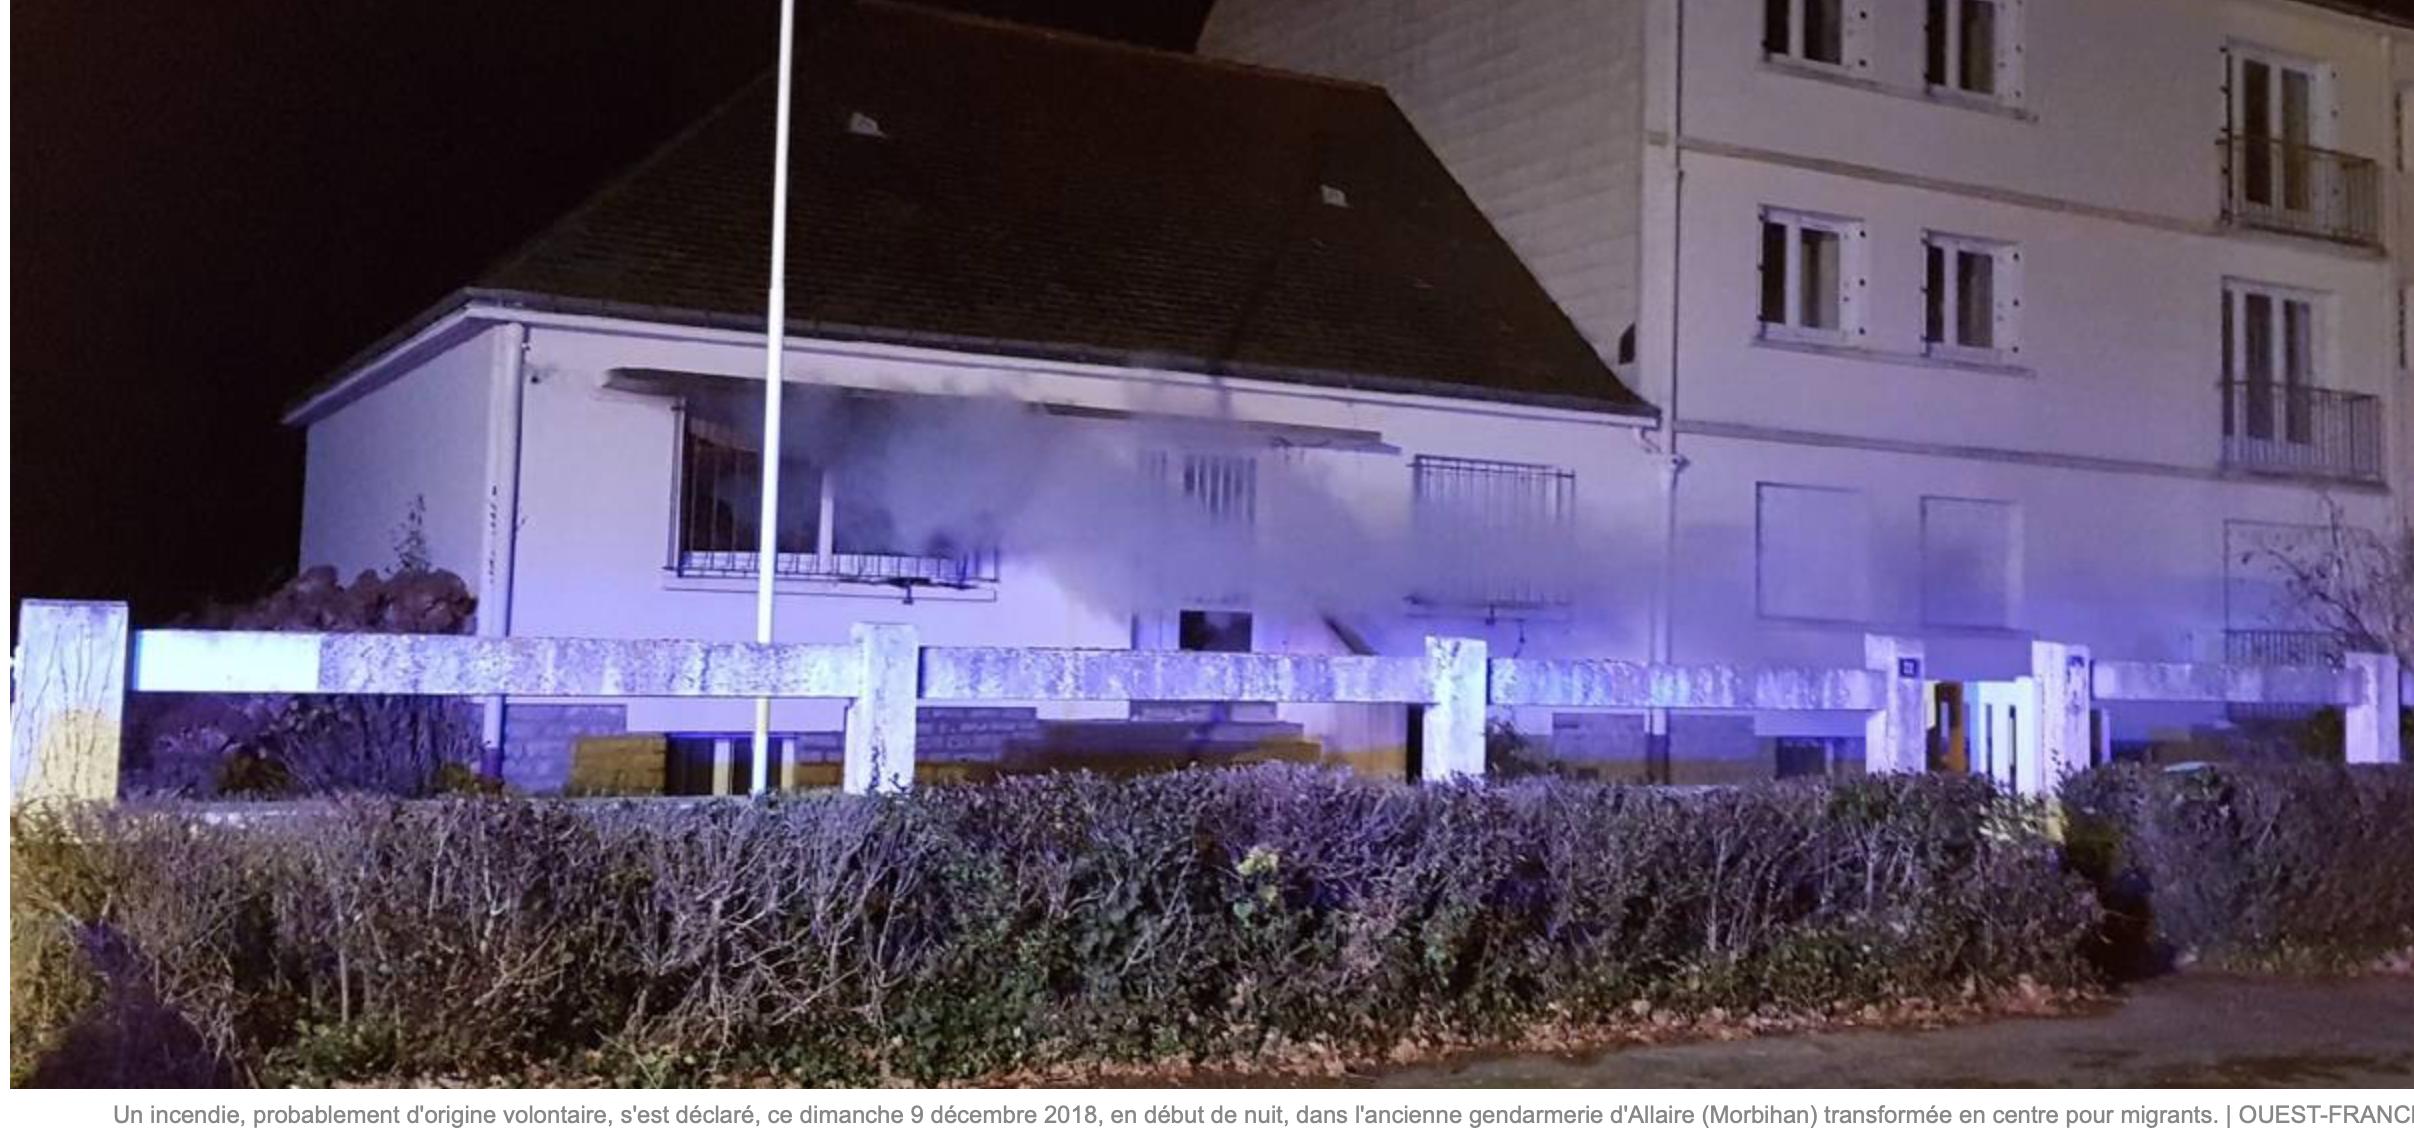 Brève : malencontreux accident, la gendarmerie d'Allaire, destinée aux clandestins en feu